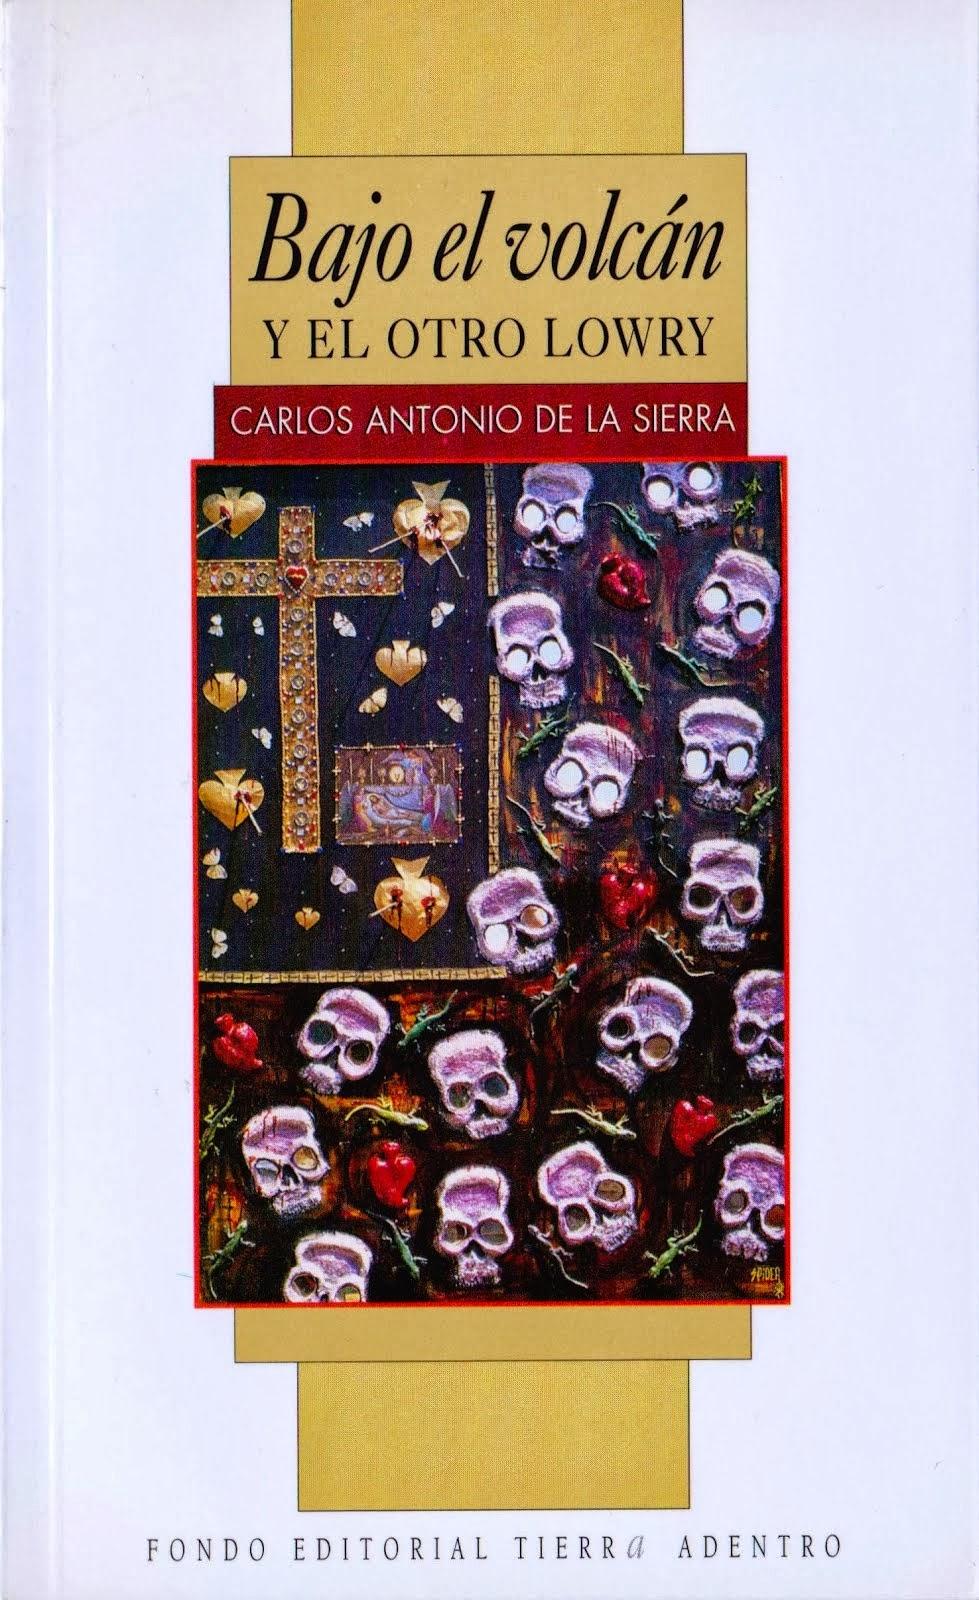 Bajo el volcán y el otro Lowry, primera edición